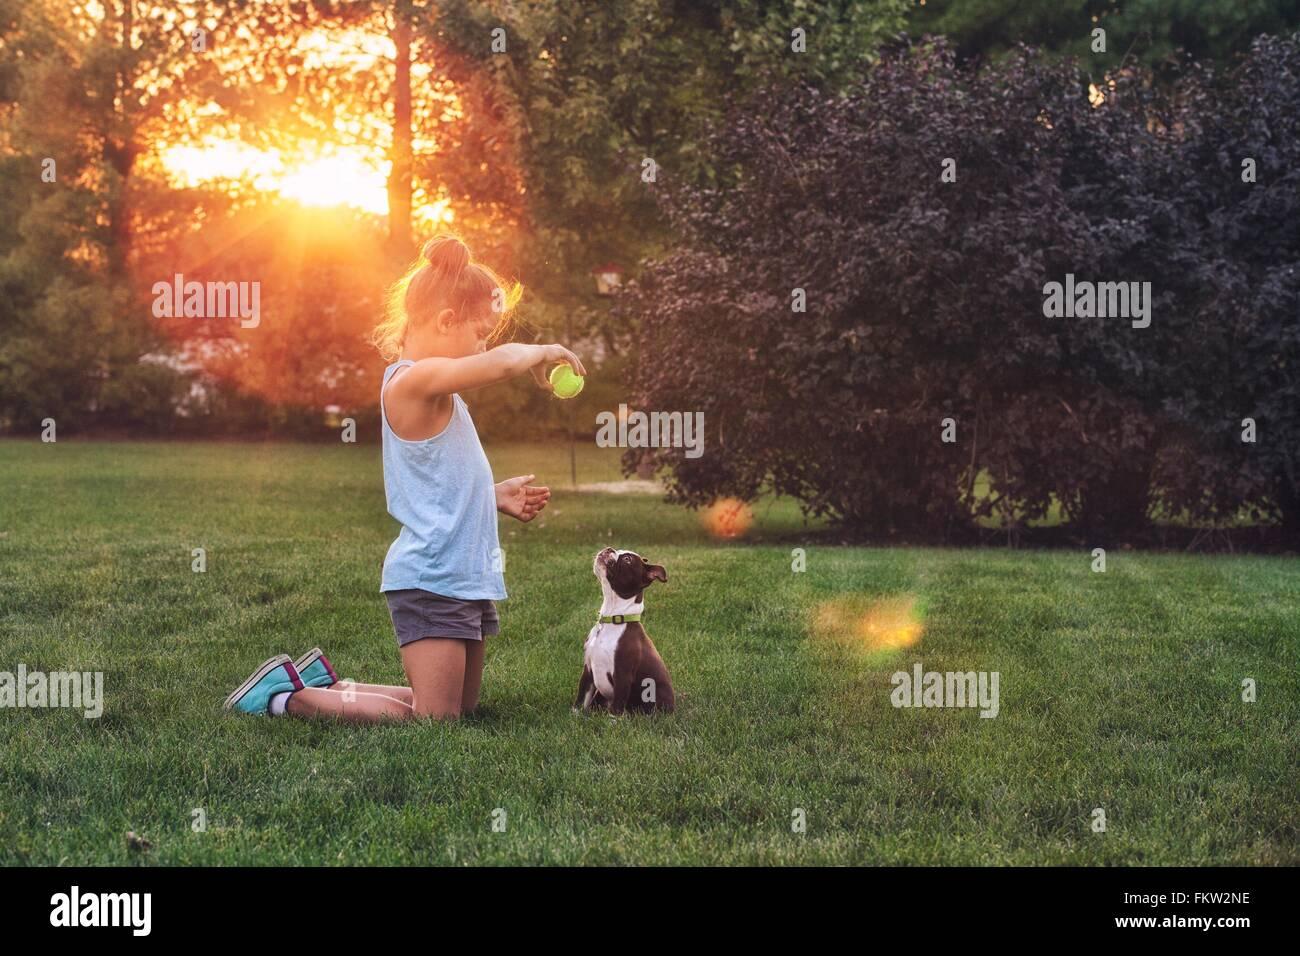 Seitenansicht der Mädchen kniend auf dem Rasen mit Tennisball zu Boston Terrier Welpen Lehren Stockbild